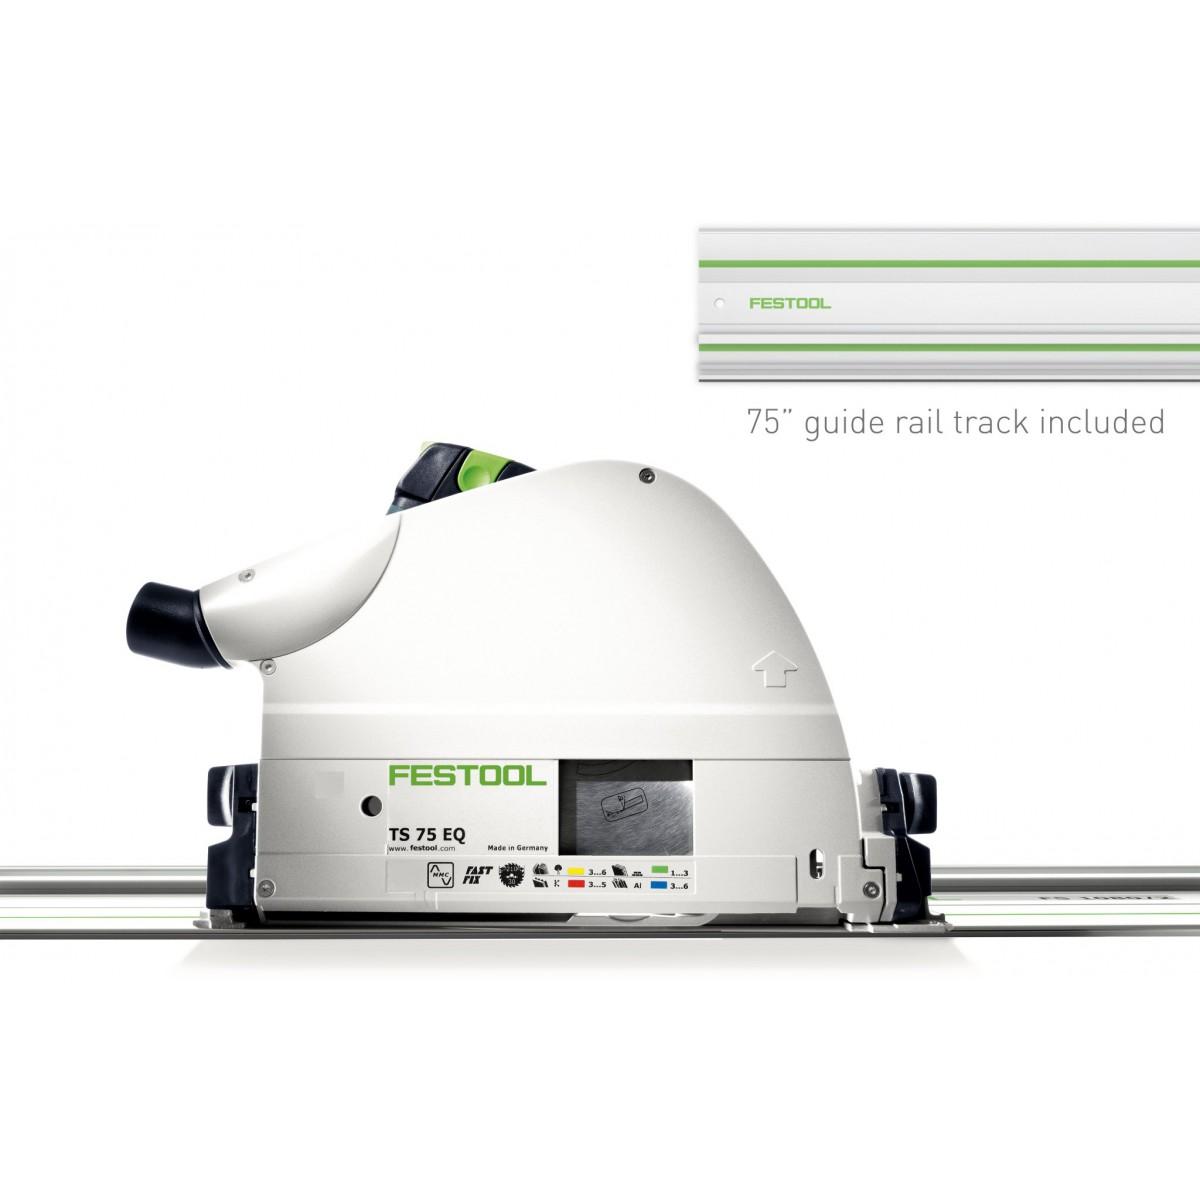 Festool 574684 TS 75 EQ Plunge Cut Track Circular Saw, Im...